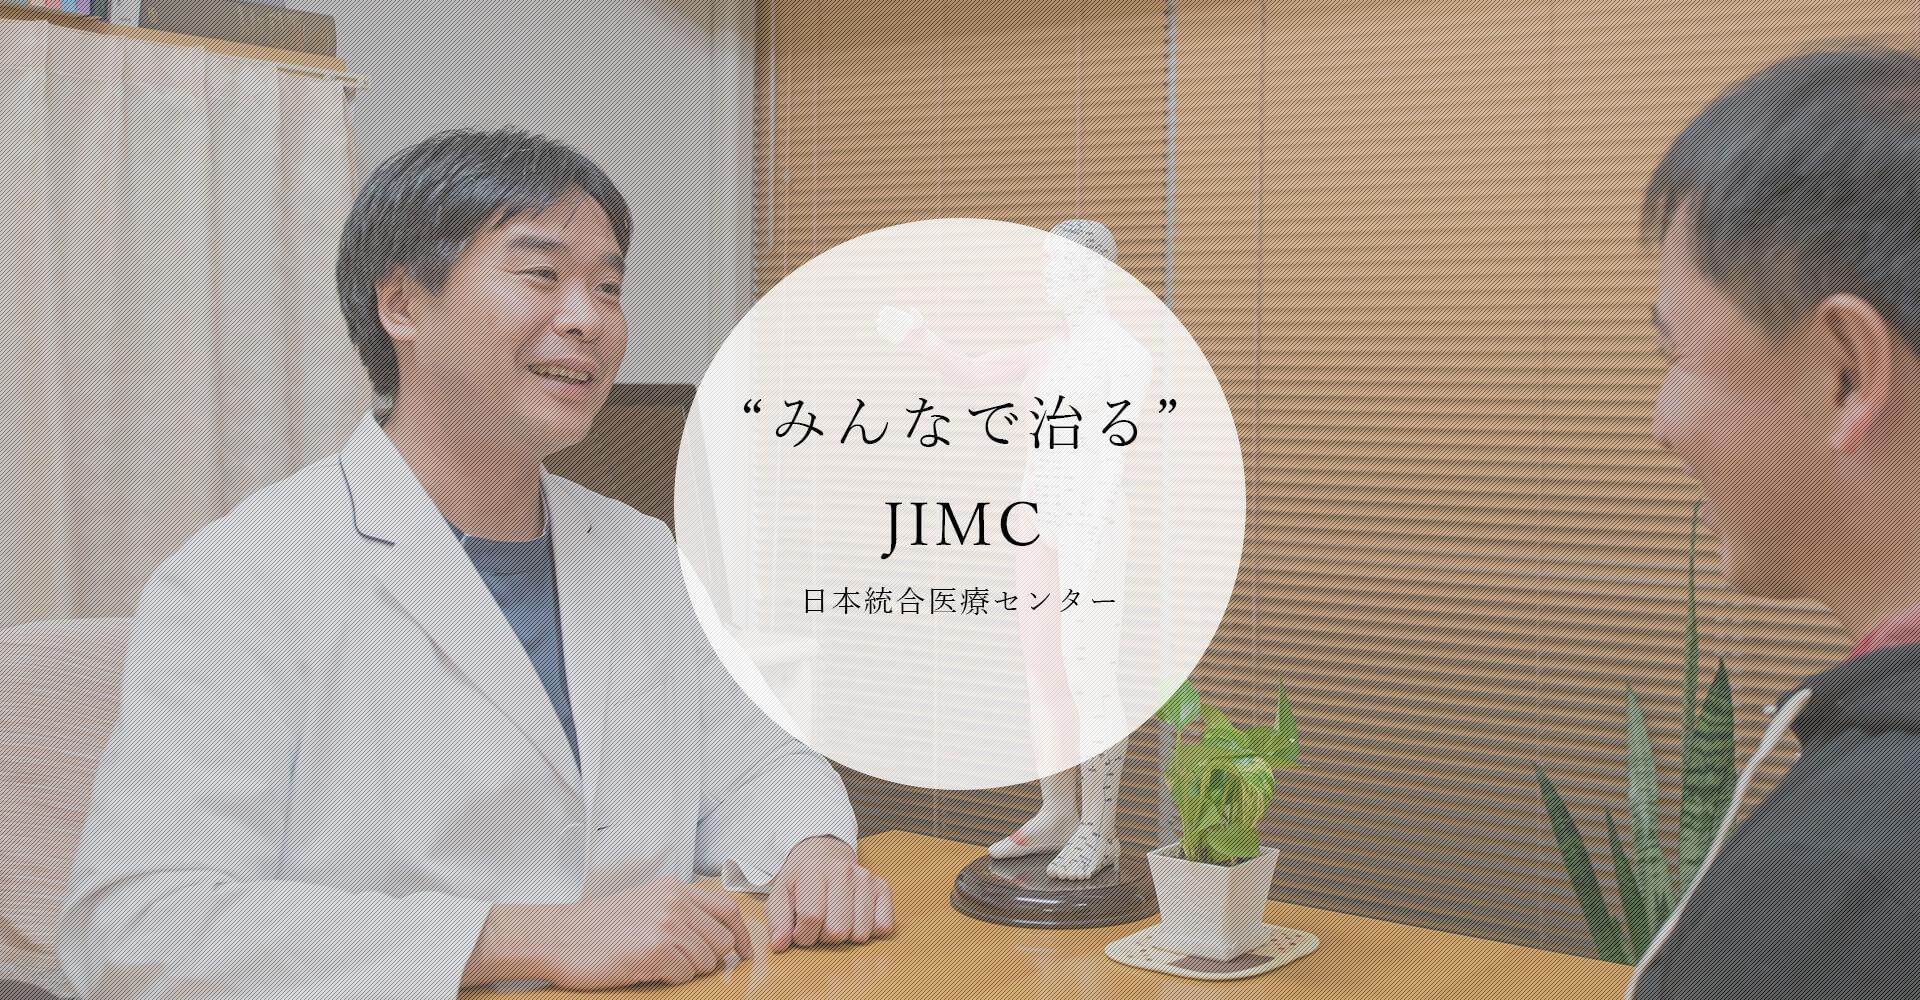 みんなで治るJIMC日本統合医療センター